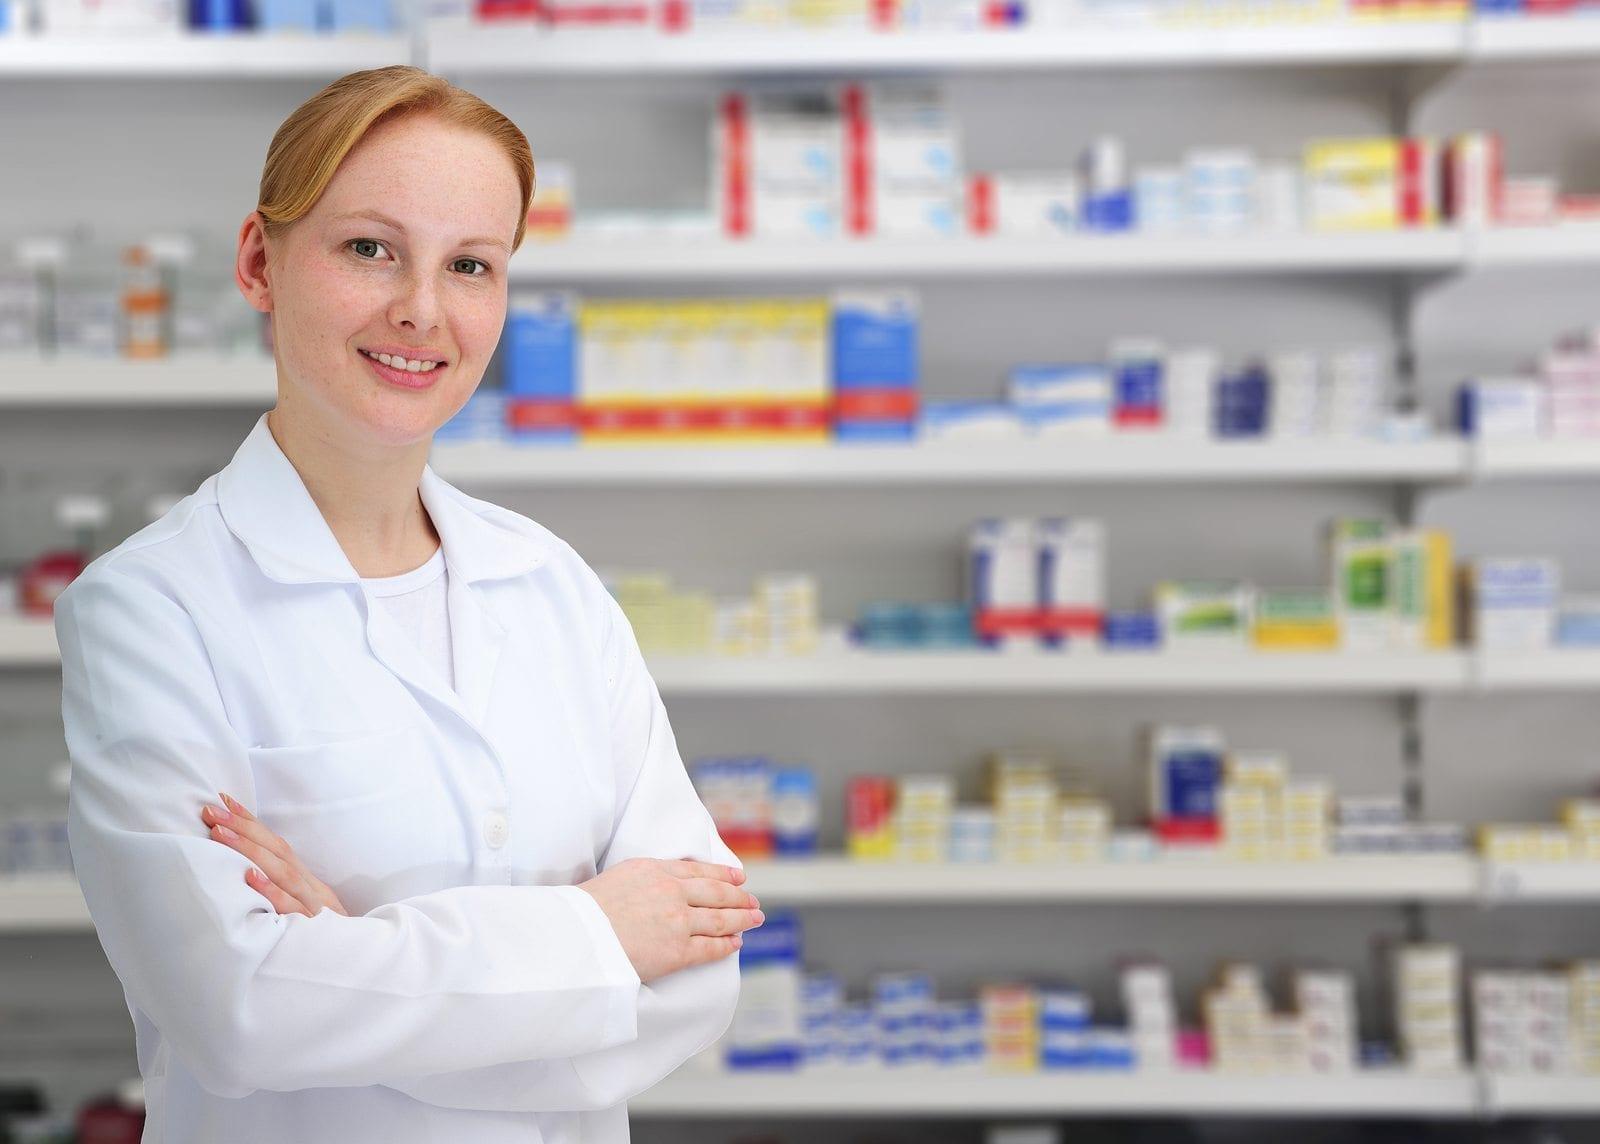 pharmacy technician schools in las vegas nv